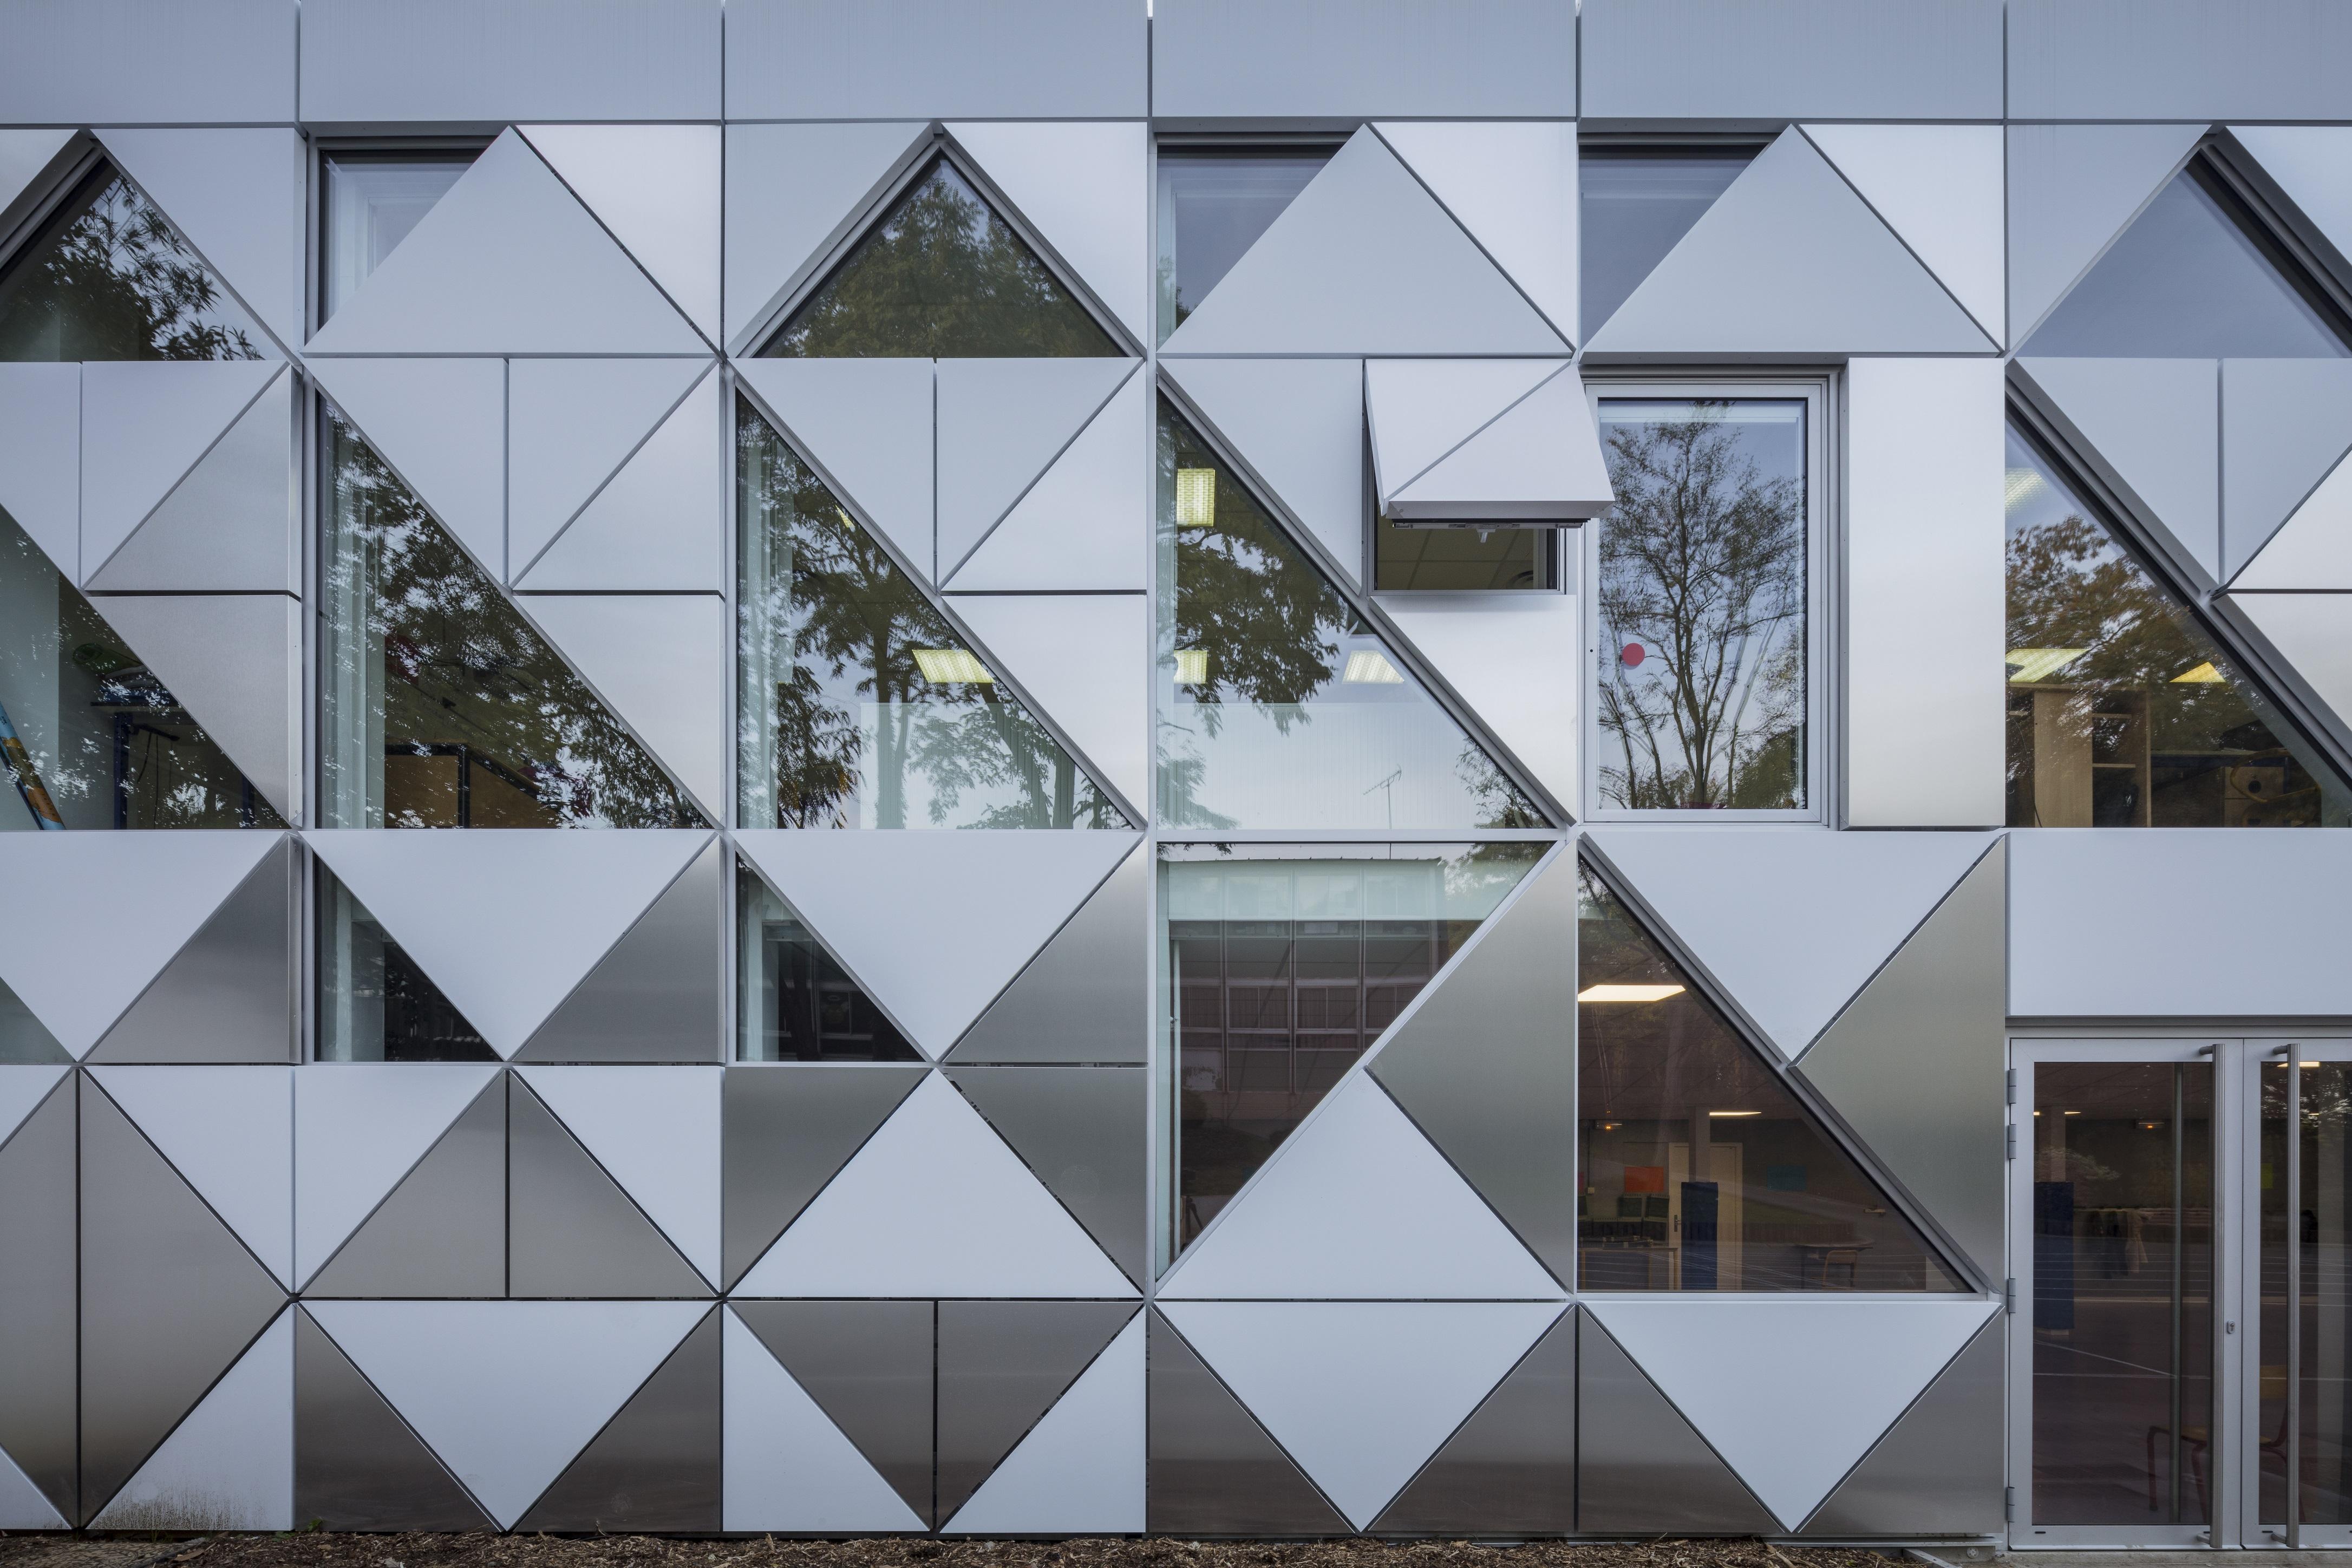 Les cassettes « Alucobond » ont permis de dessiner des volumes triangulaires dans deux couleurs différentes. Ces cassettes donnent l'effet d'un double relief à la façade et valorisent ainsi l'aspect visuel. ©Design Crew for Architecture / Photographe Guillaume Guerin